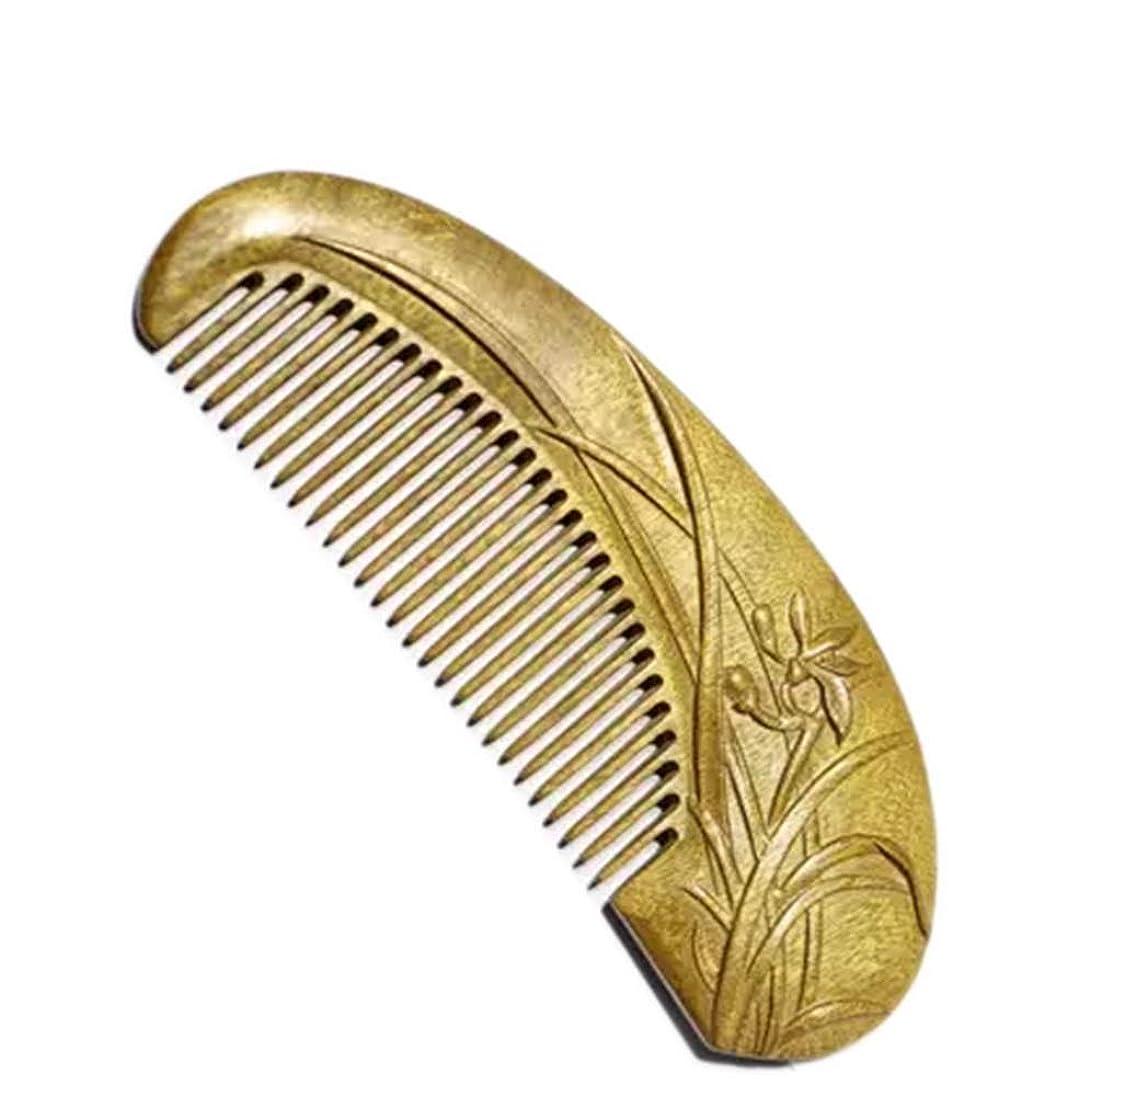 スポット汚れる手Fashian手彫りの蘭の櫛/黒檀のフィービーの櫛は友達に送ることができます モデリングツール (色 : ゴールド)